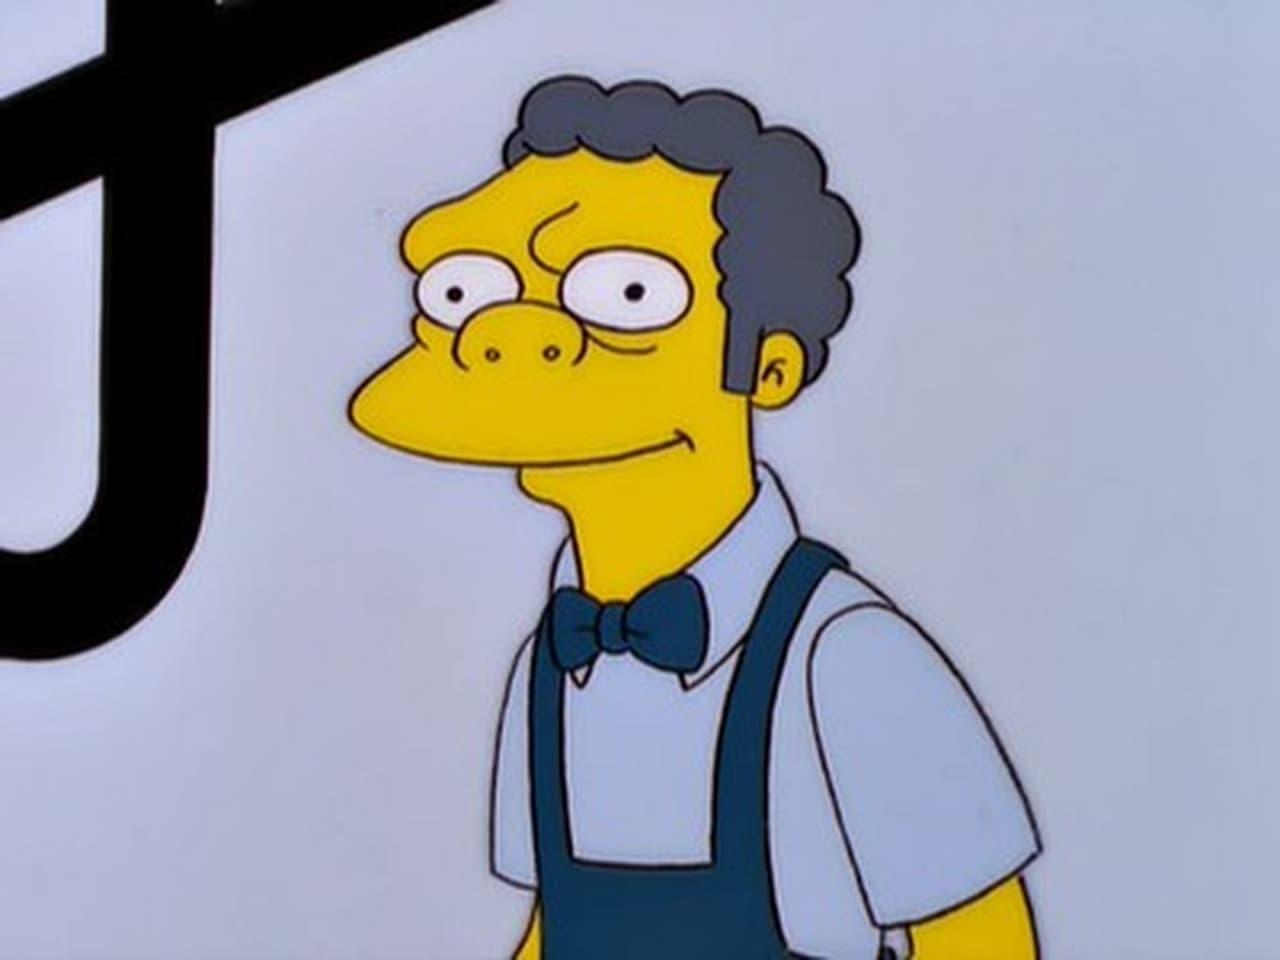 The Simpsons - Season 11 Episode 16 : Pygmoelian